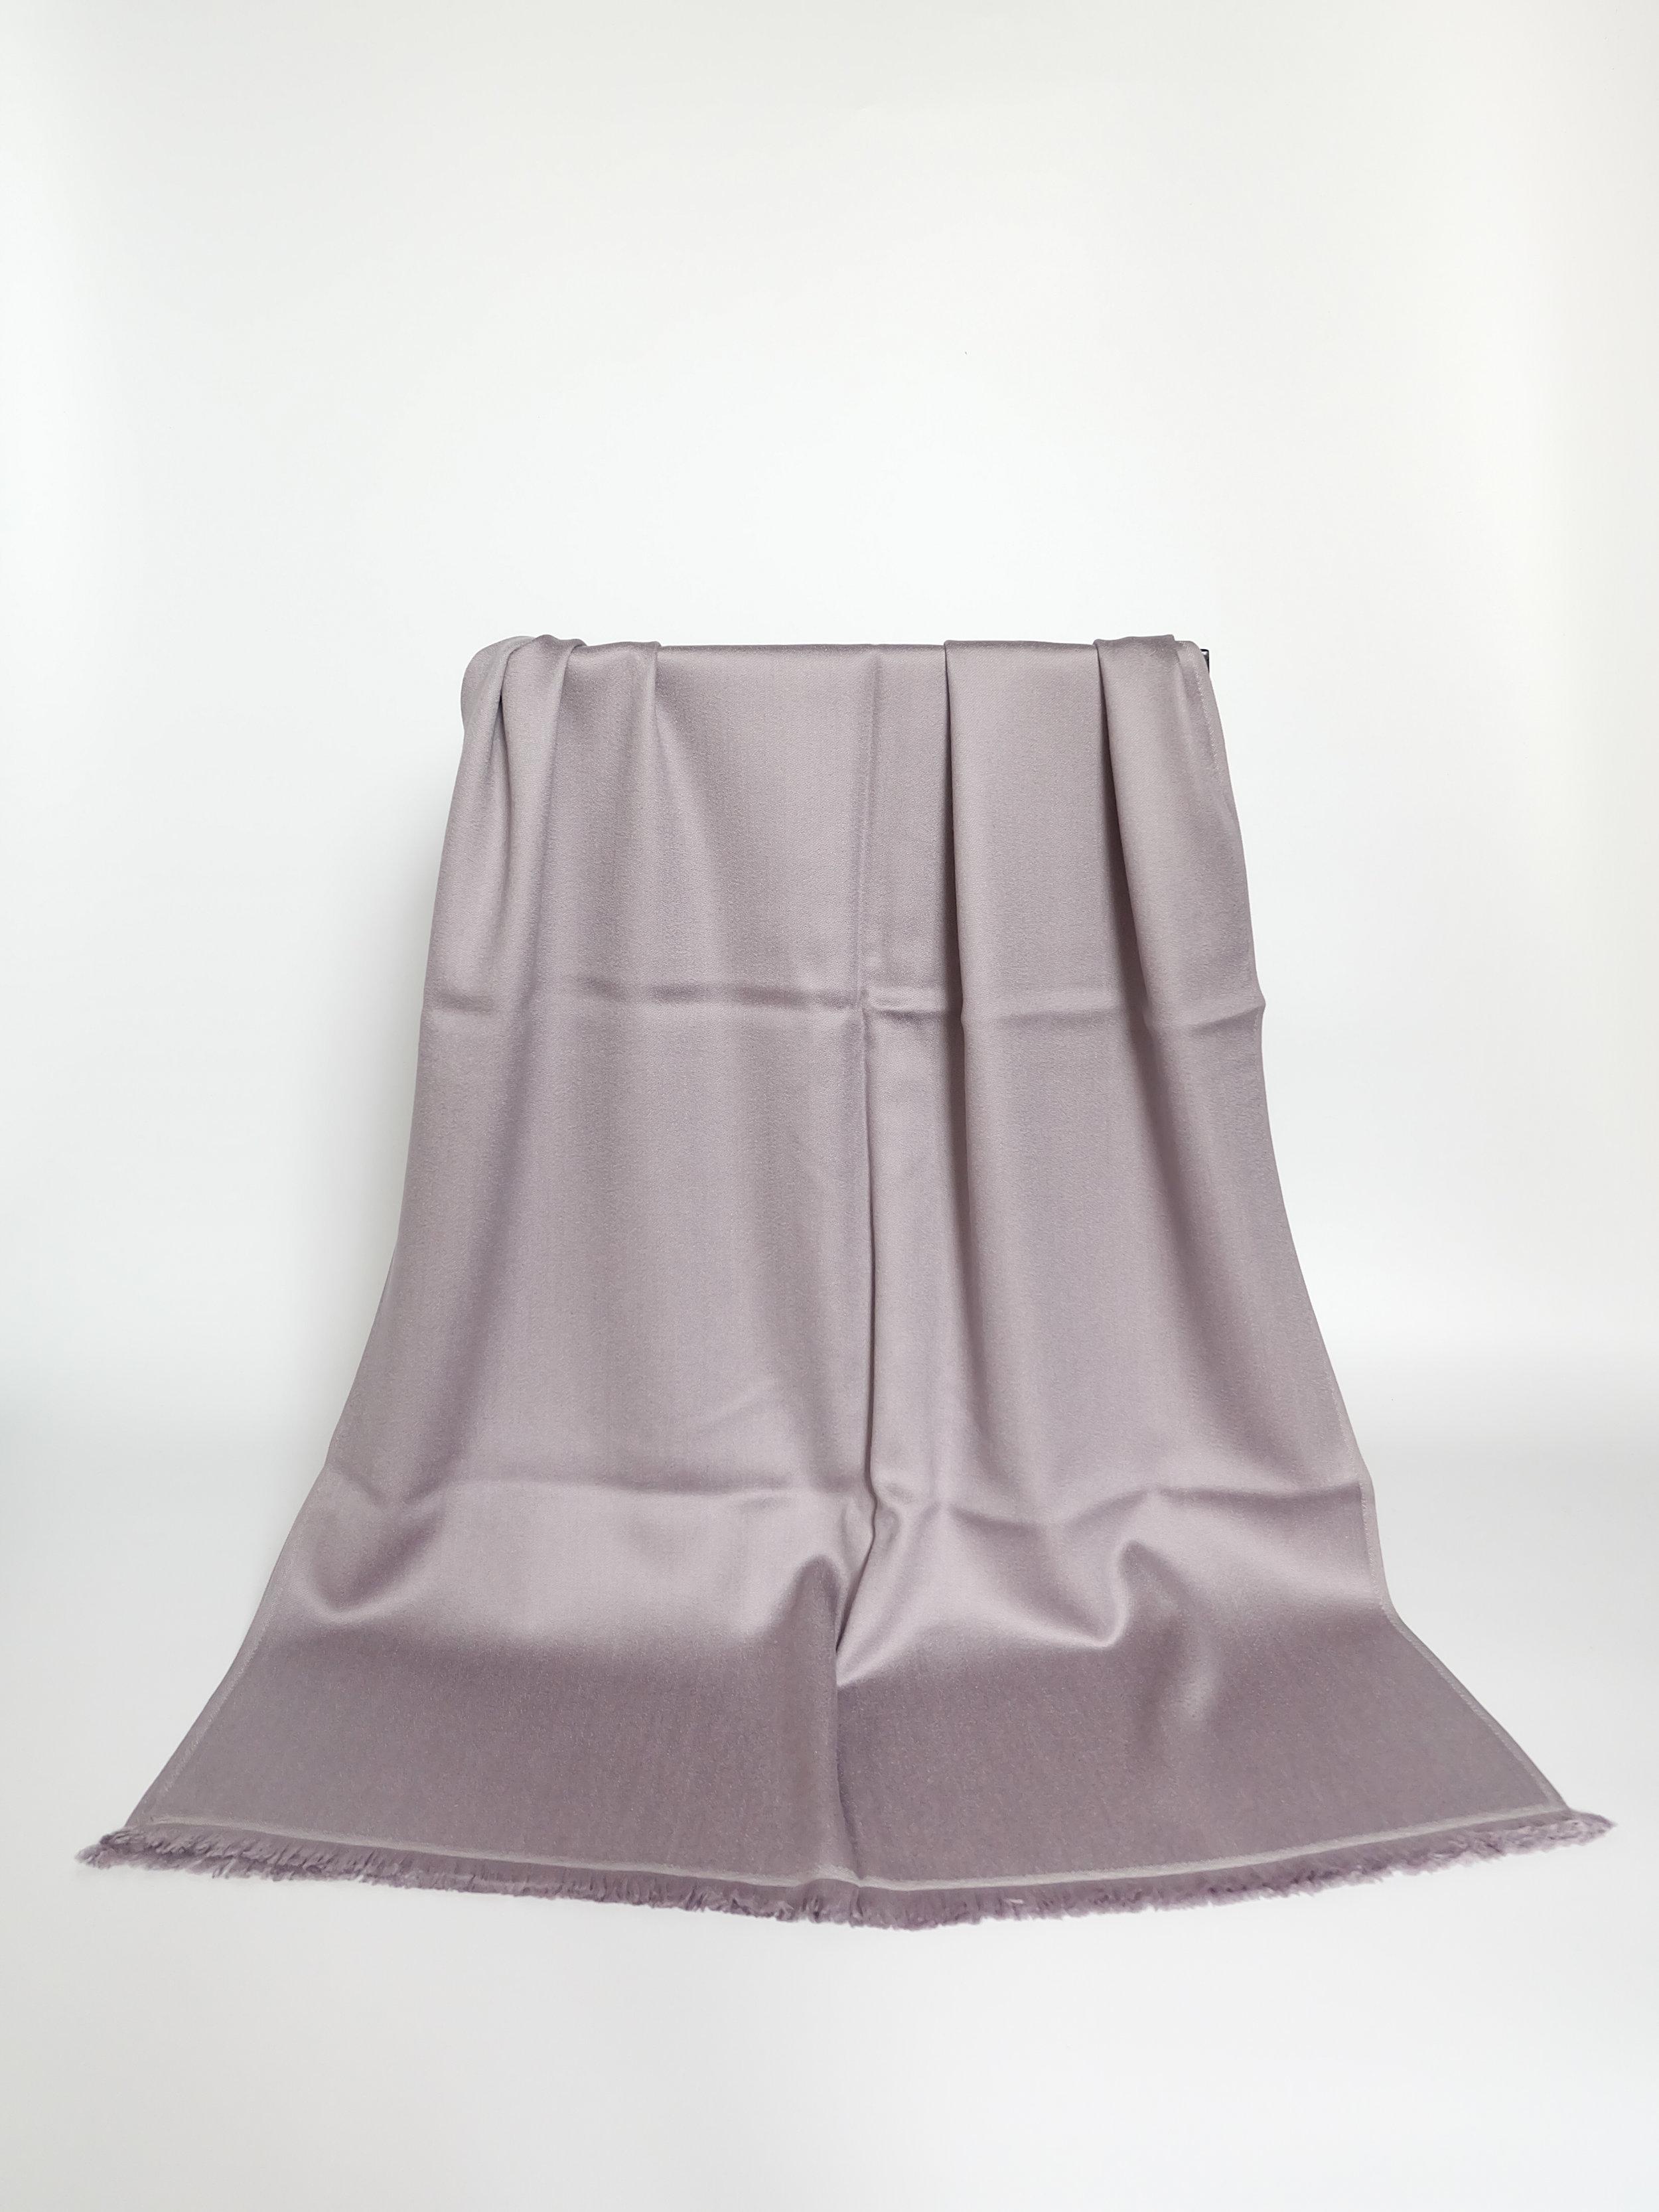 Silver Lining (Silver) - 67x184cm